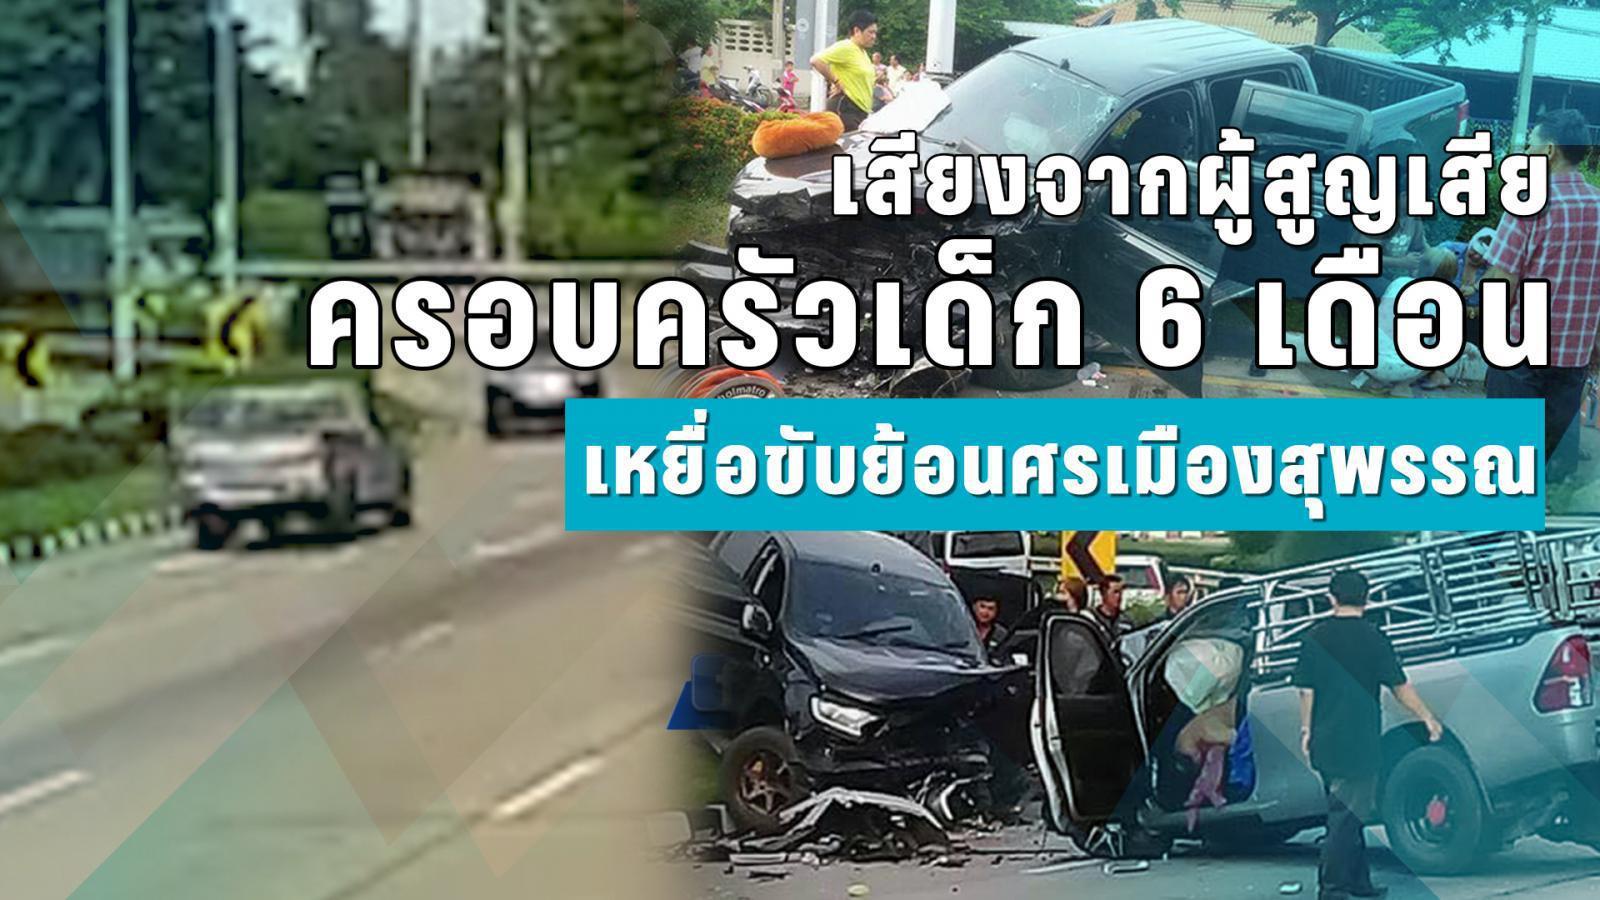 เหยื่อขับย้อนศรเมืองสุพรรณ